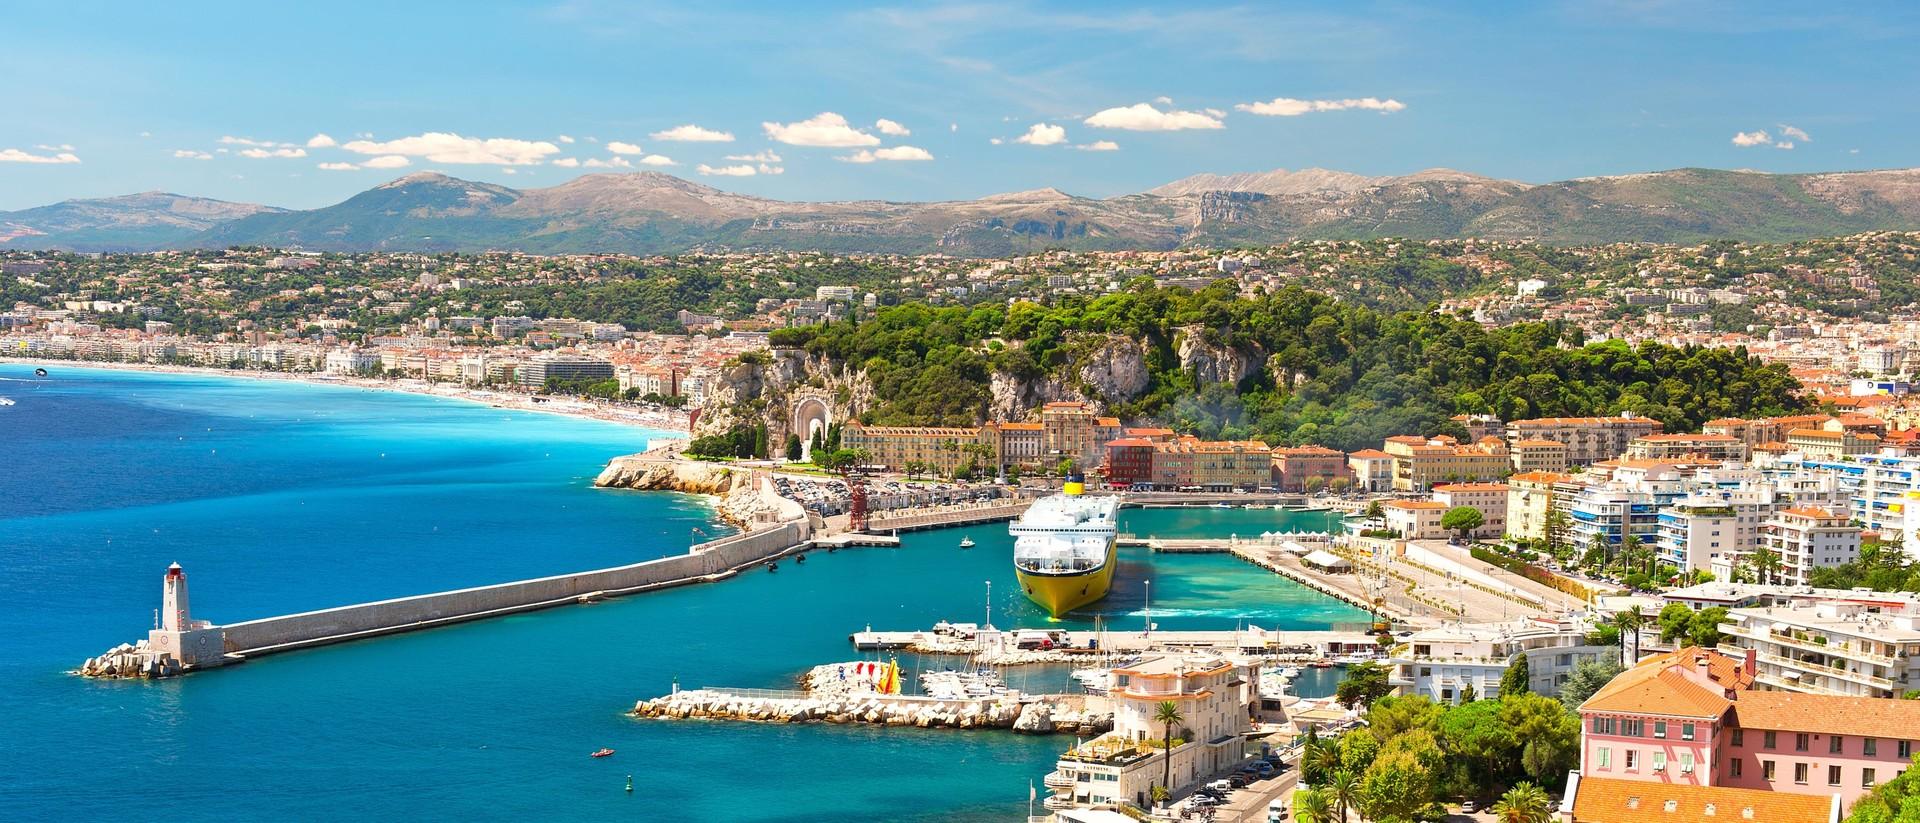 Doświadczenie Erasmusowe z Nicei, Francja, autor: Patri